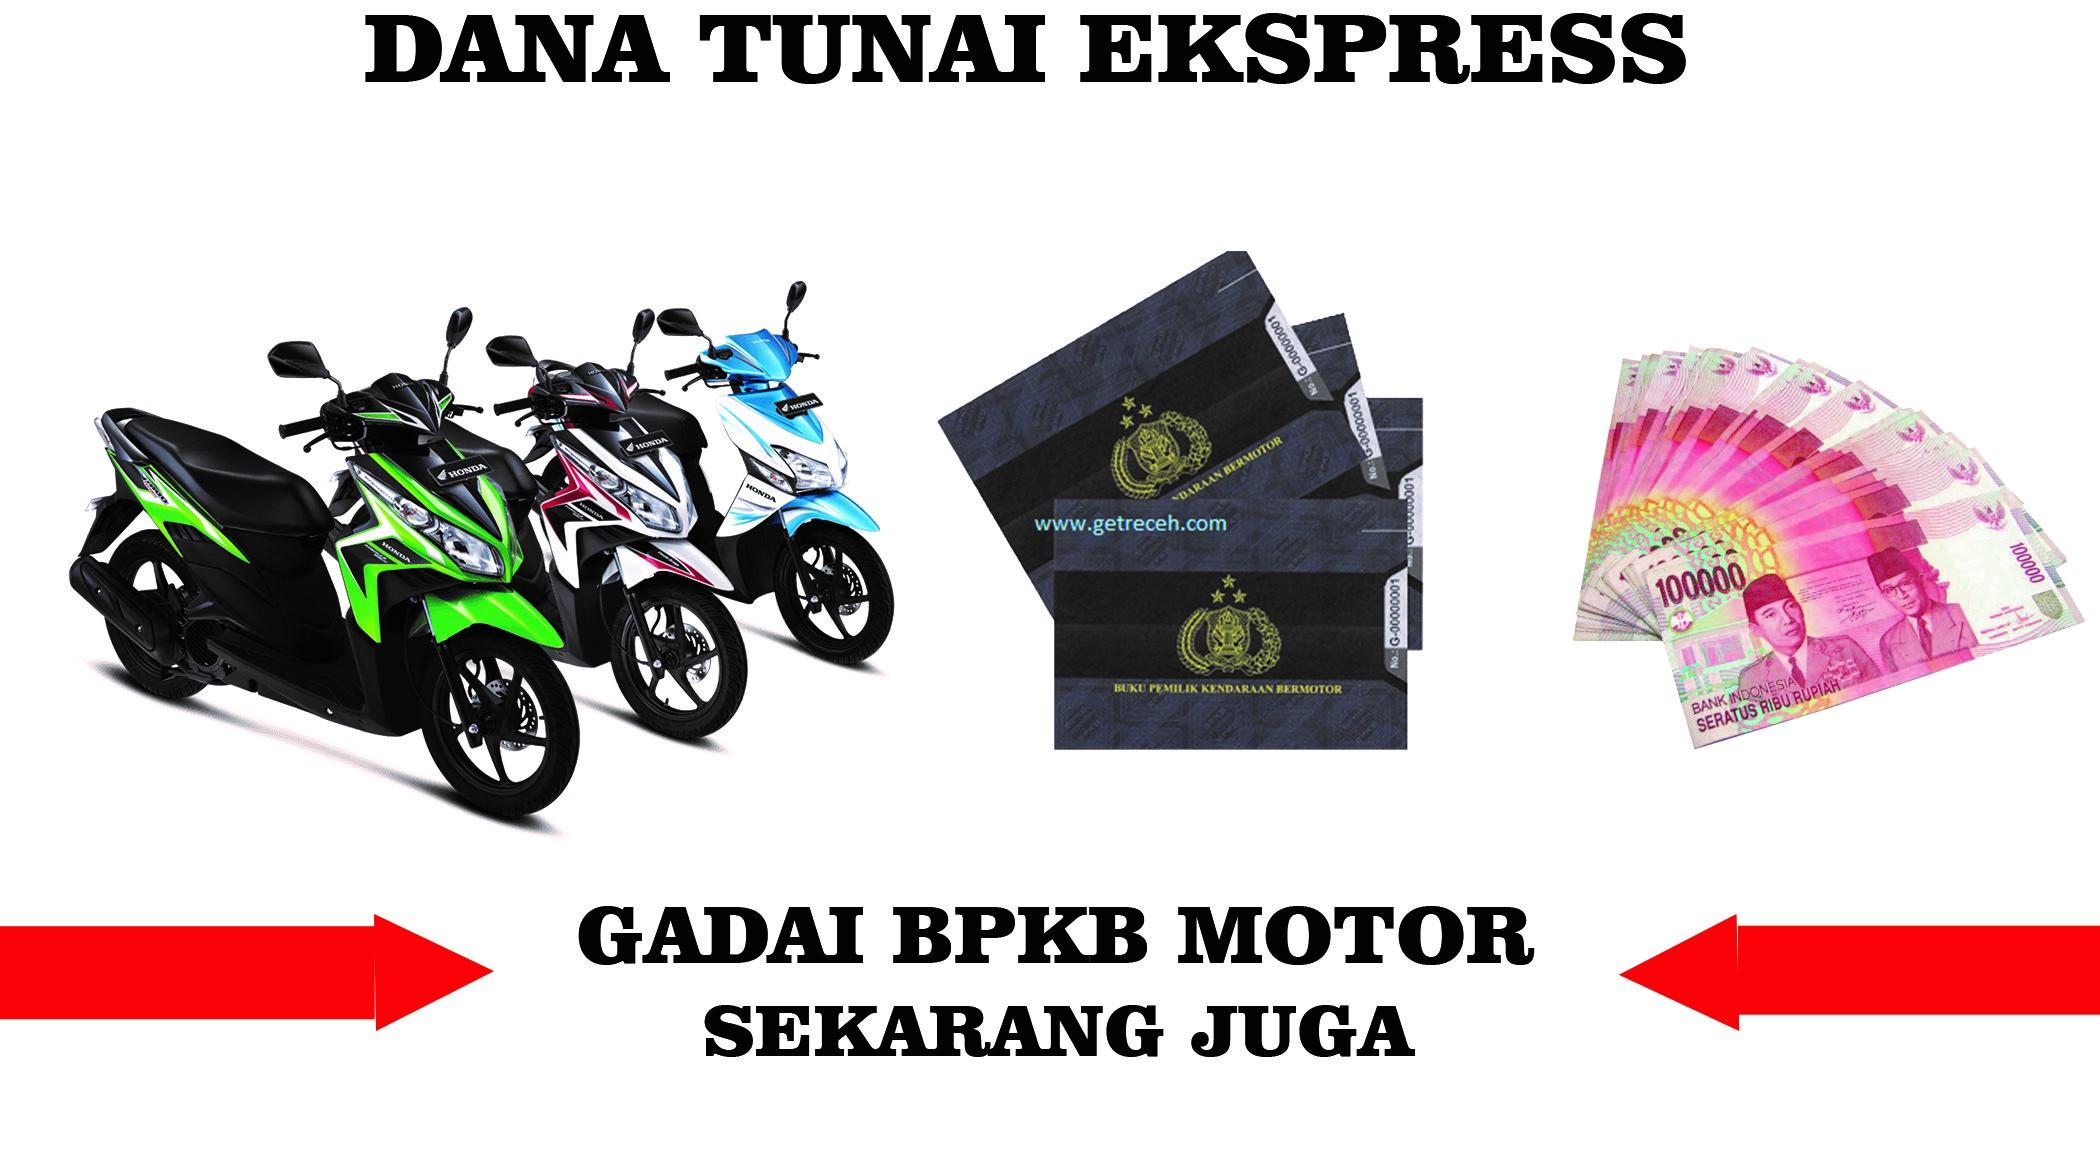 Dana Tunai Jaminan BPKB Motor Kota Bandung Proses Cepat Tanpa Potongan